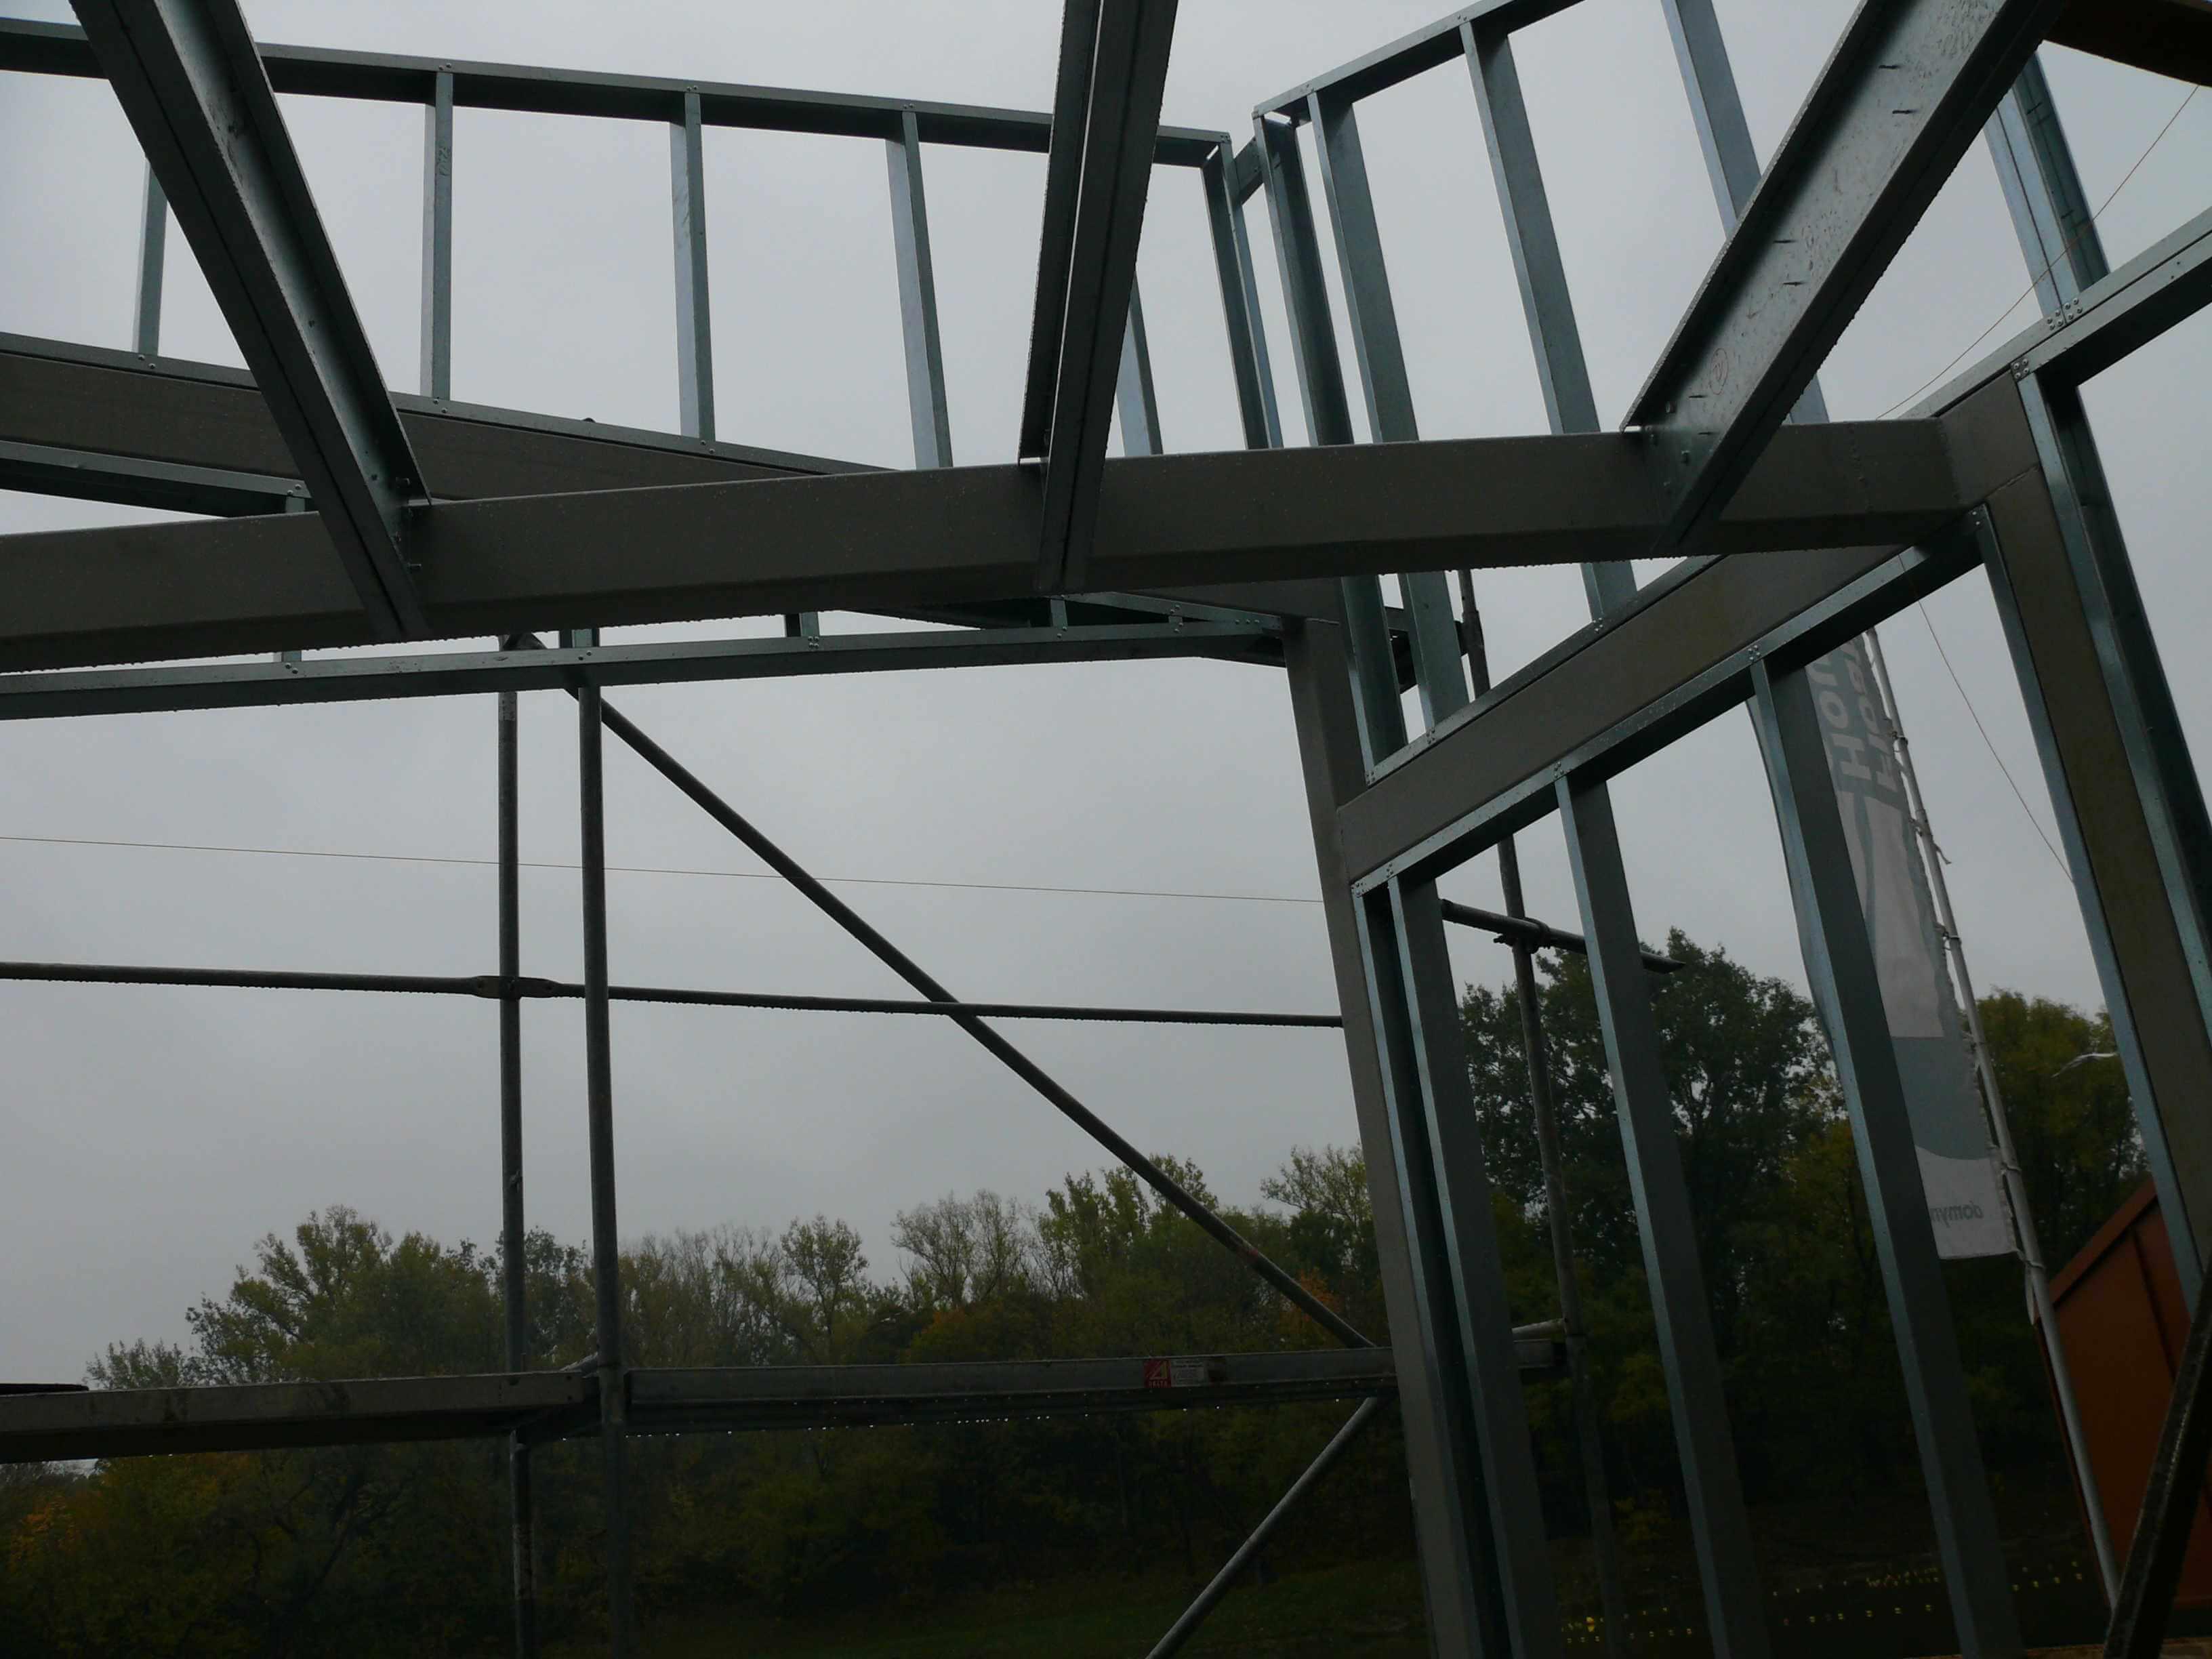 016 - Połączenie profili zimnogiętych i stali gorącowalcowanej 016